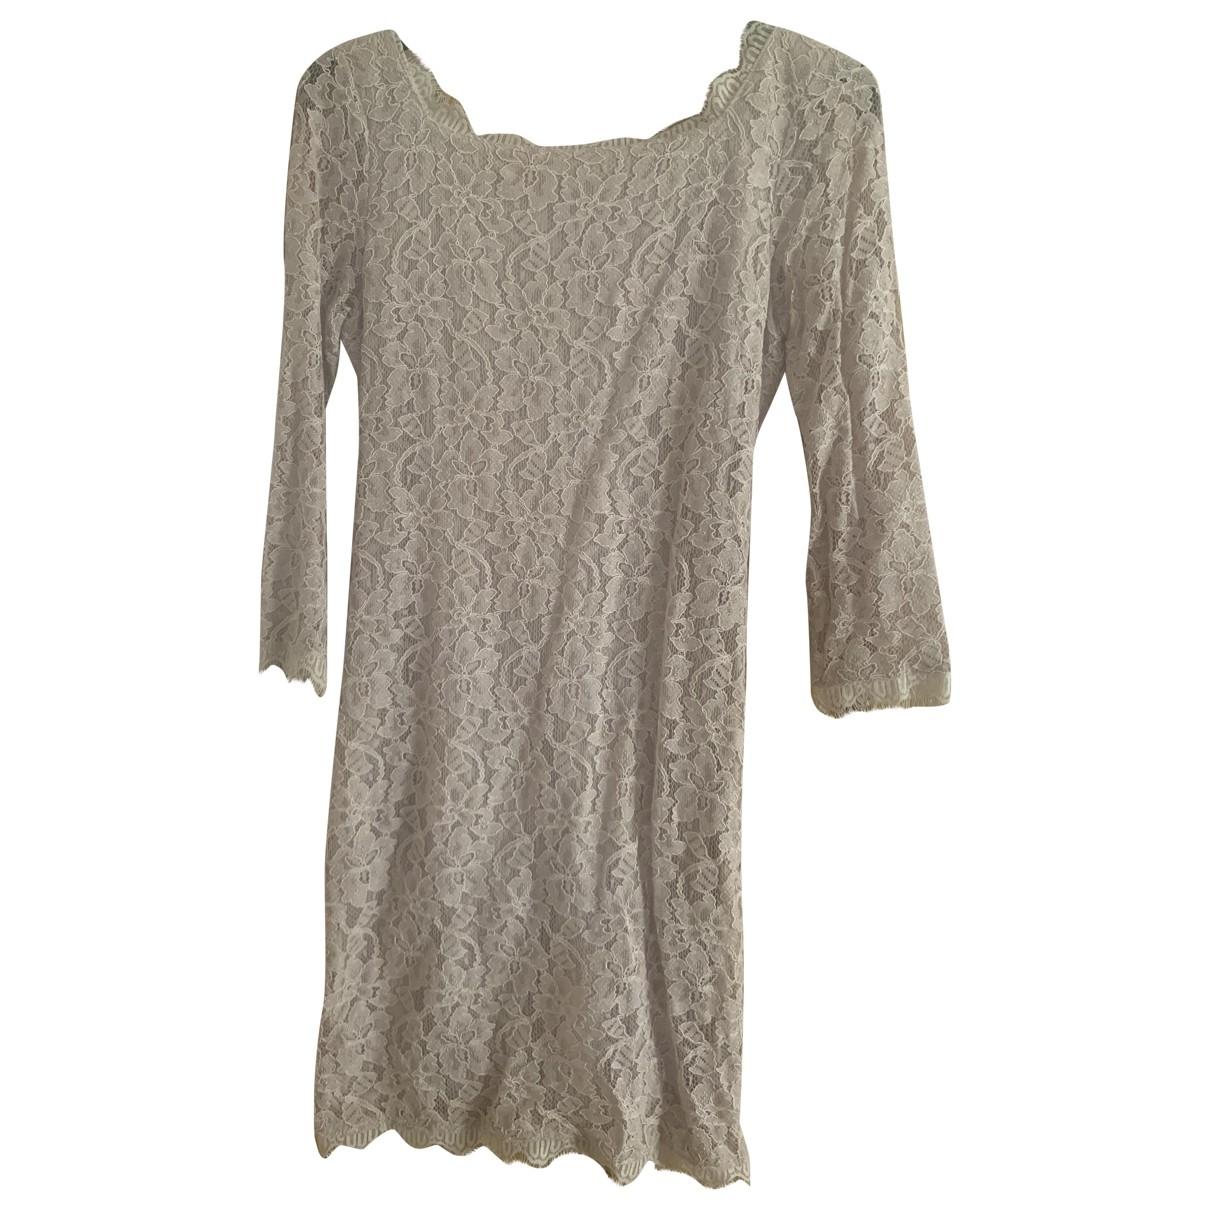 Diane Von Furstenberg \N Beige Lace dress for Women 4 US